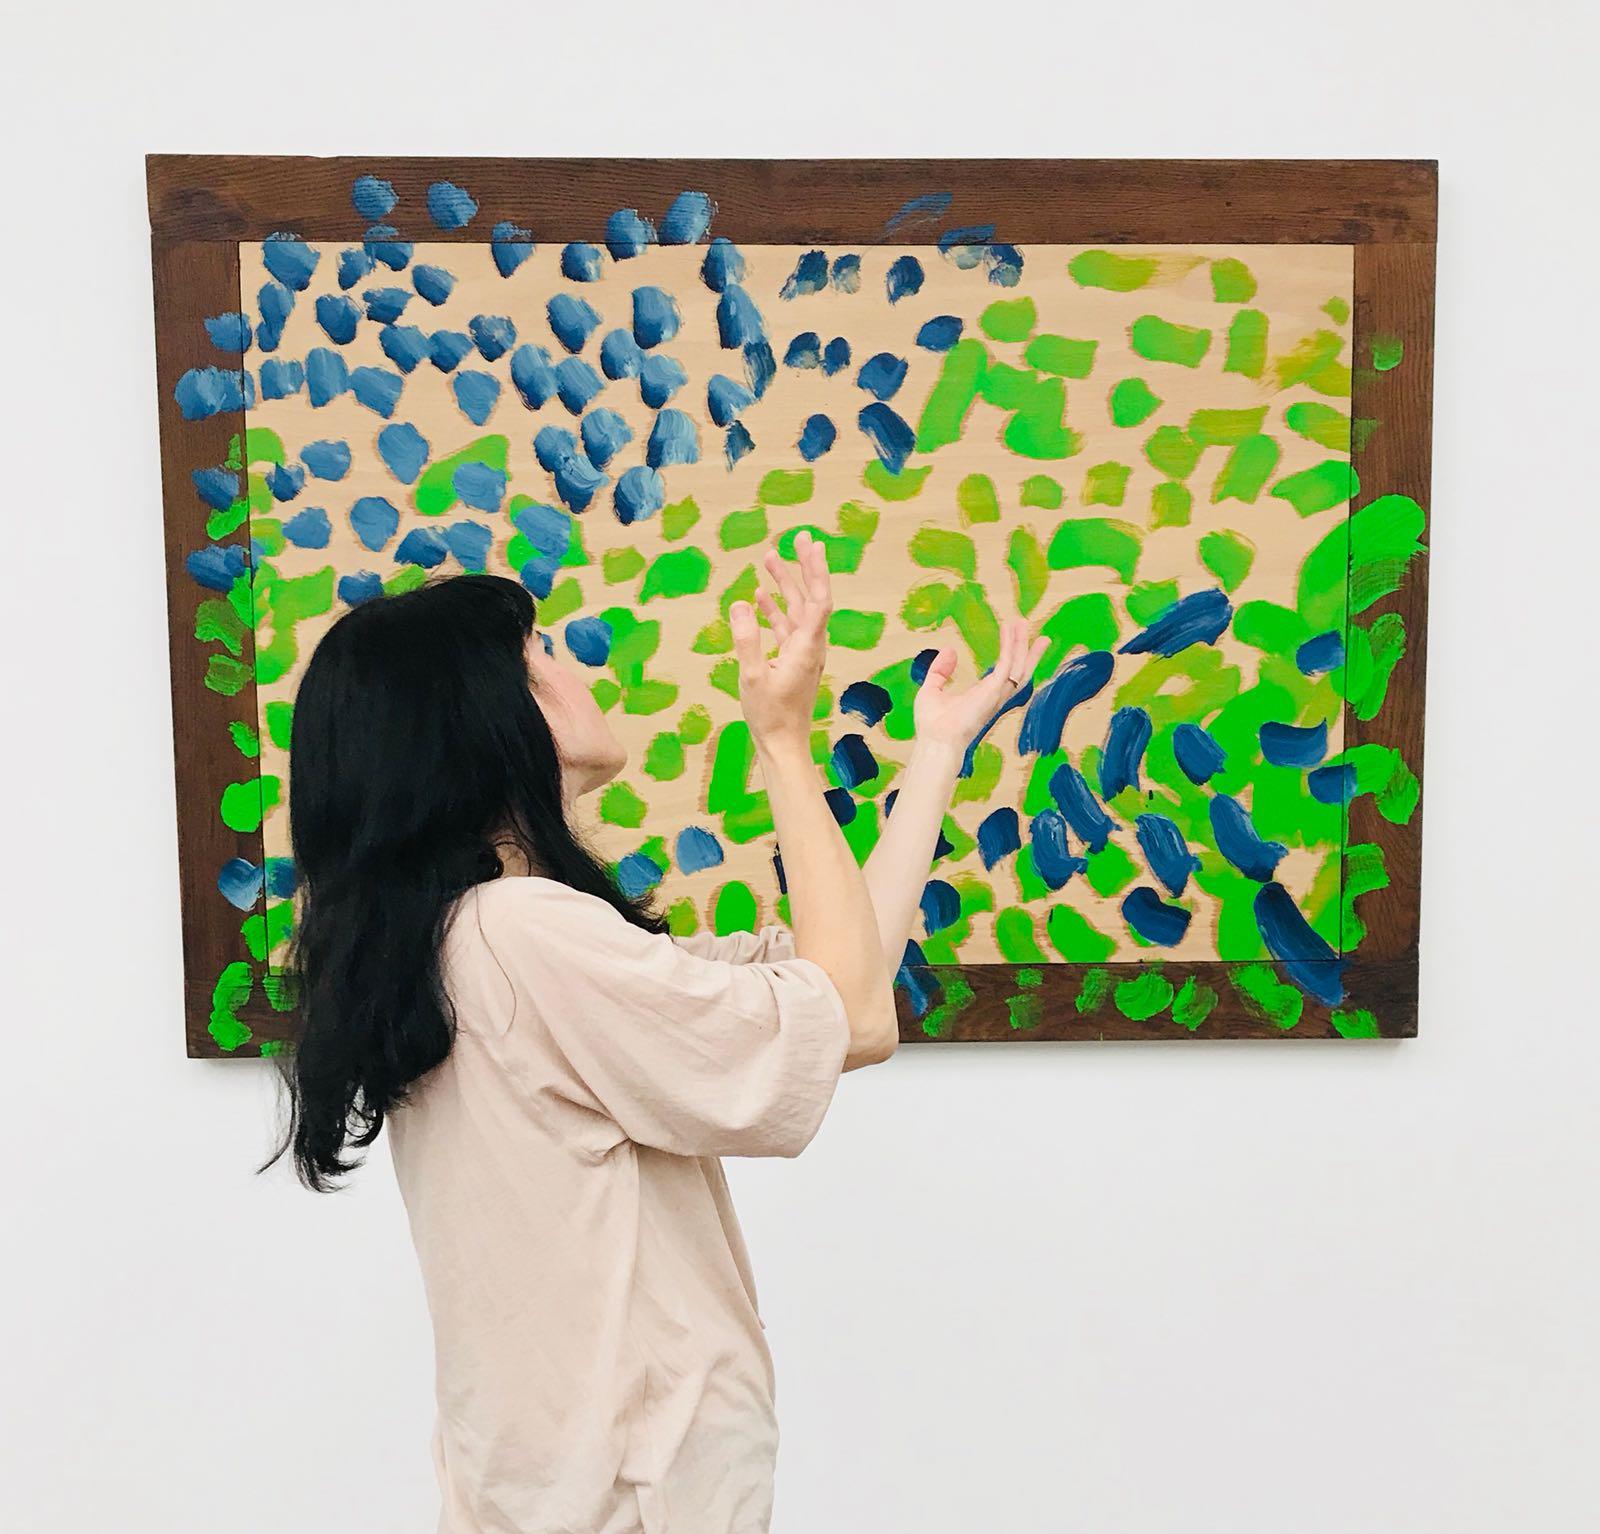 Howard Hodgkin-The art blueberry2